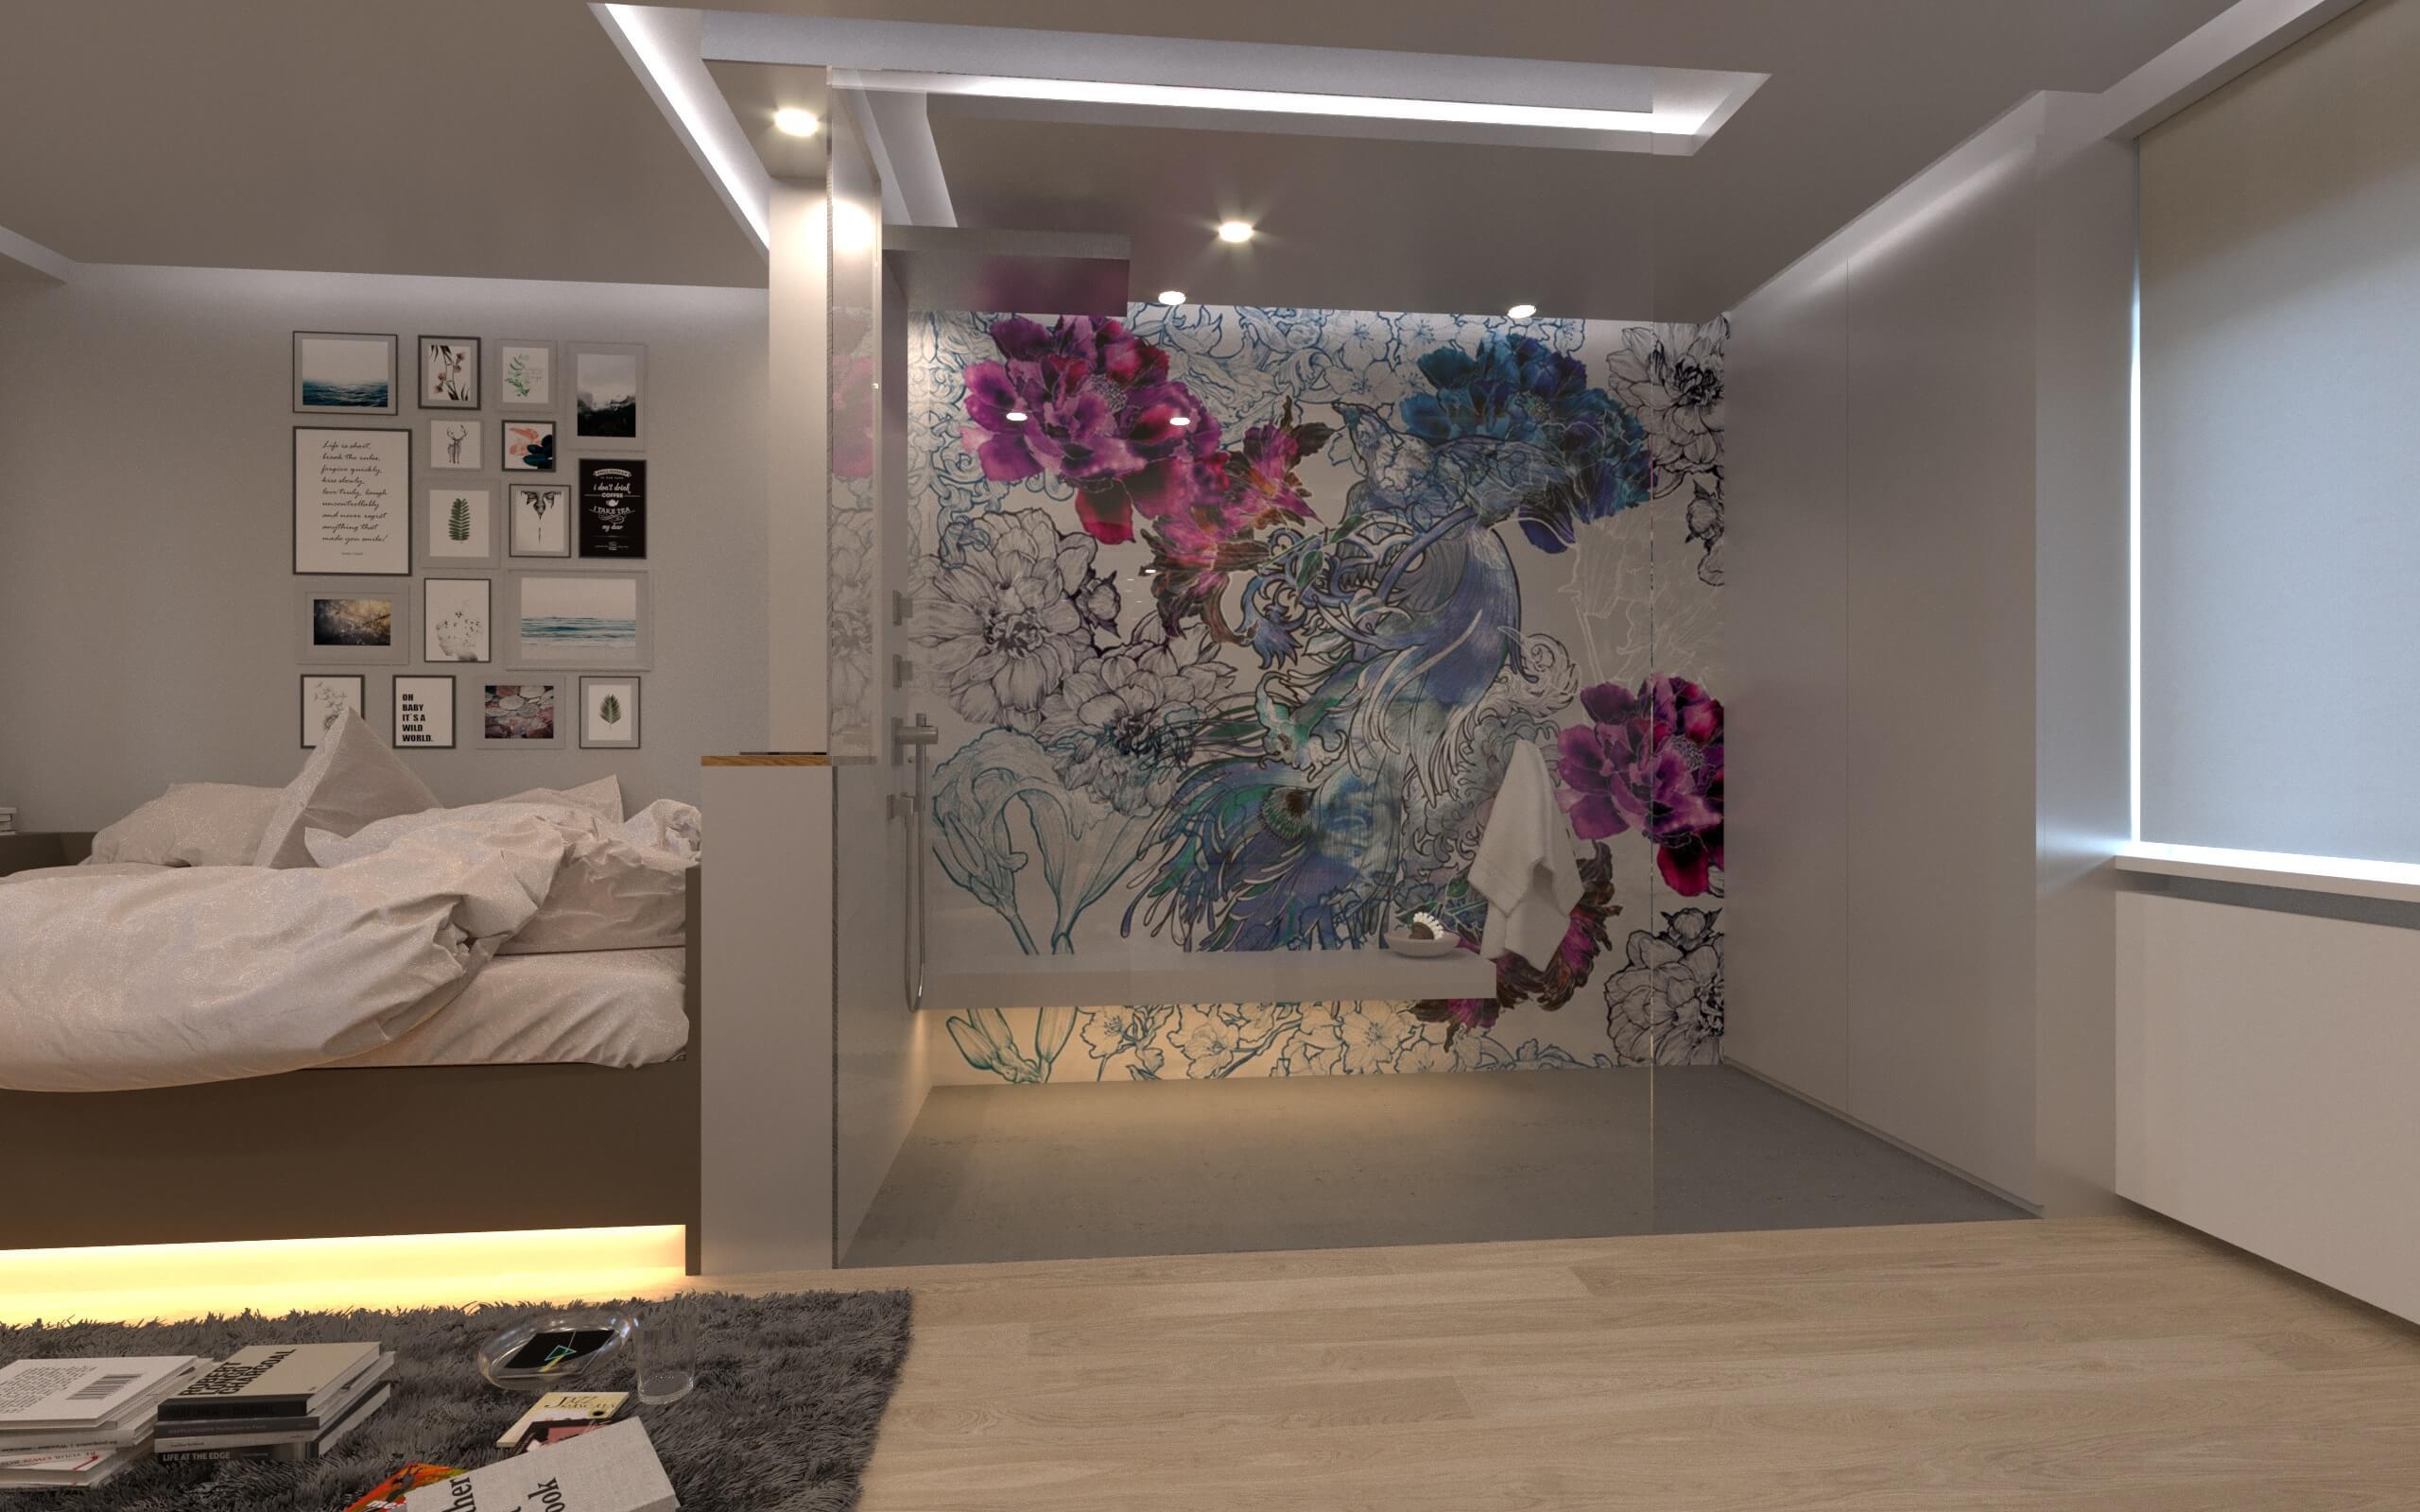 Jugend Zimmer Lifestyle Design by Torsten Müller Cologne 3D Artist Franz Lorenz Wagner Stuttgart